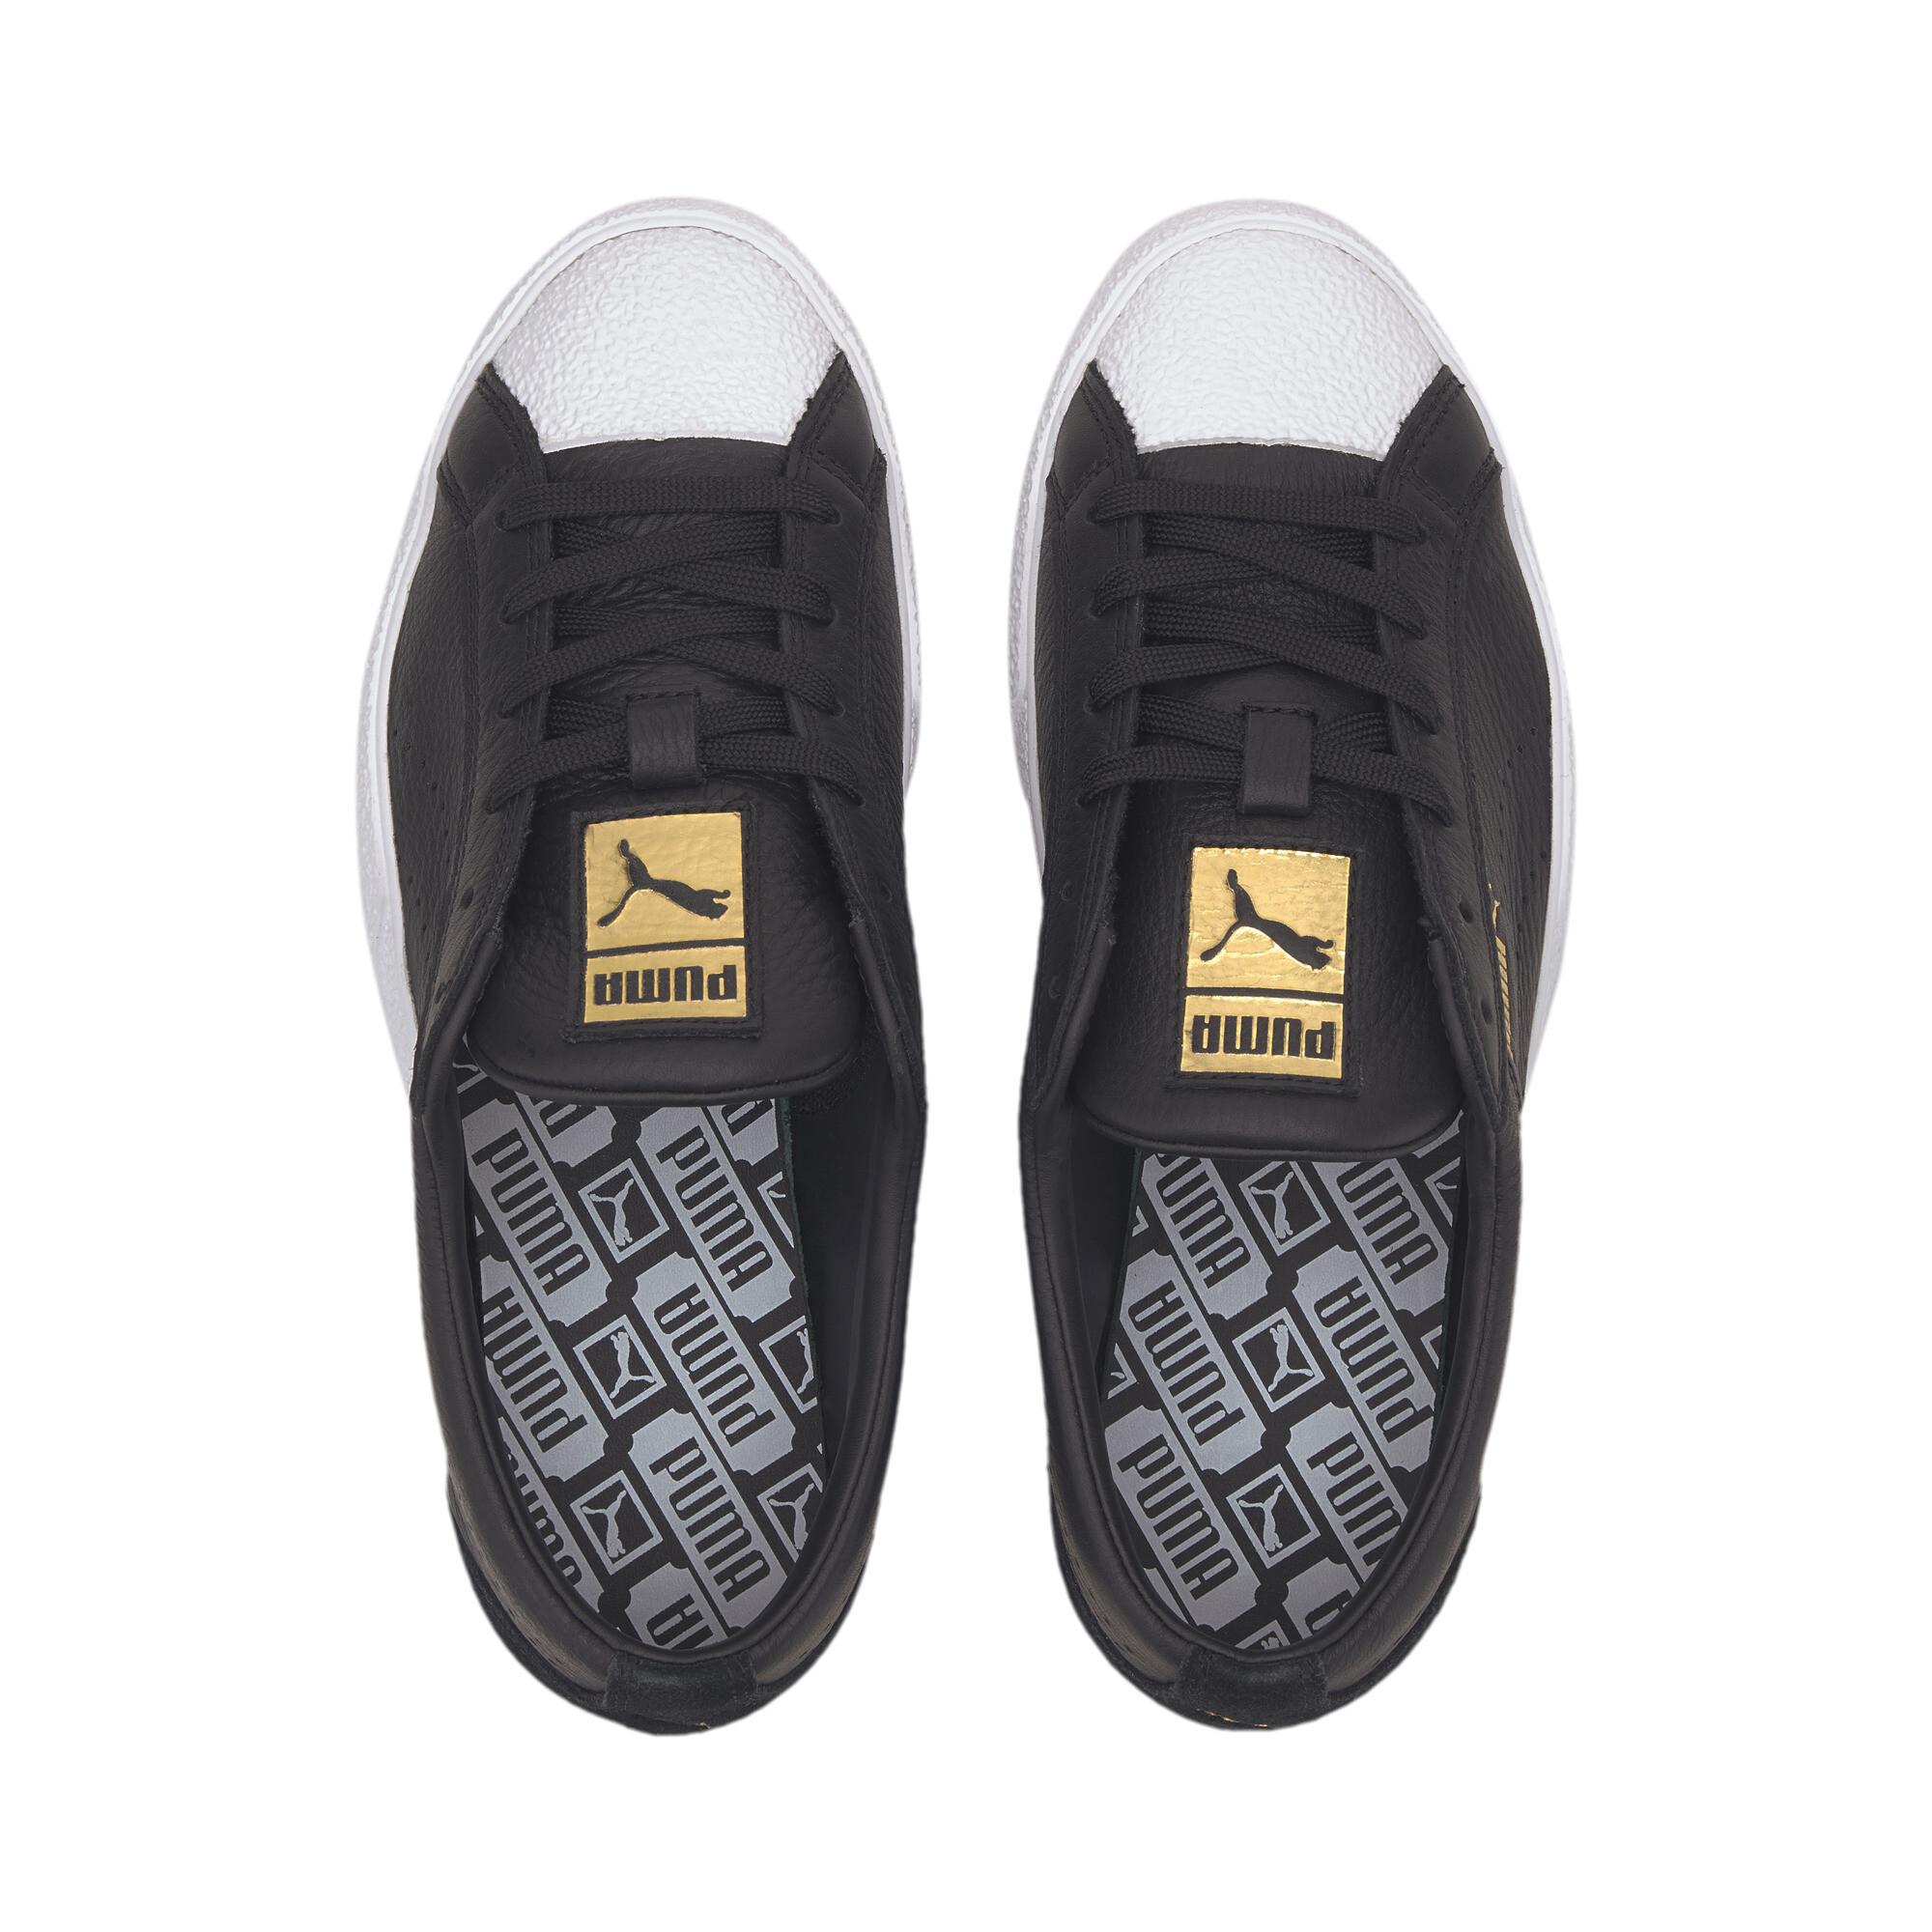 PUMA-Women-039-s-Love-Grand-Slam-Sneakers thumbnail 15